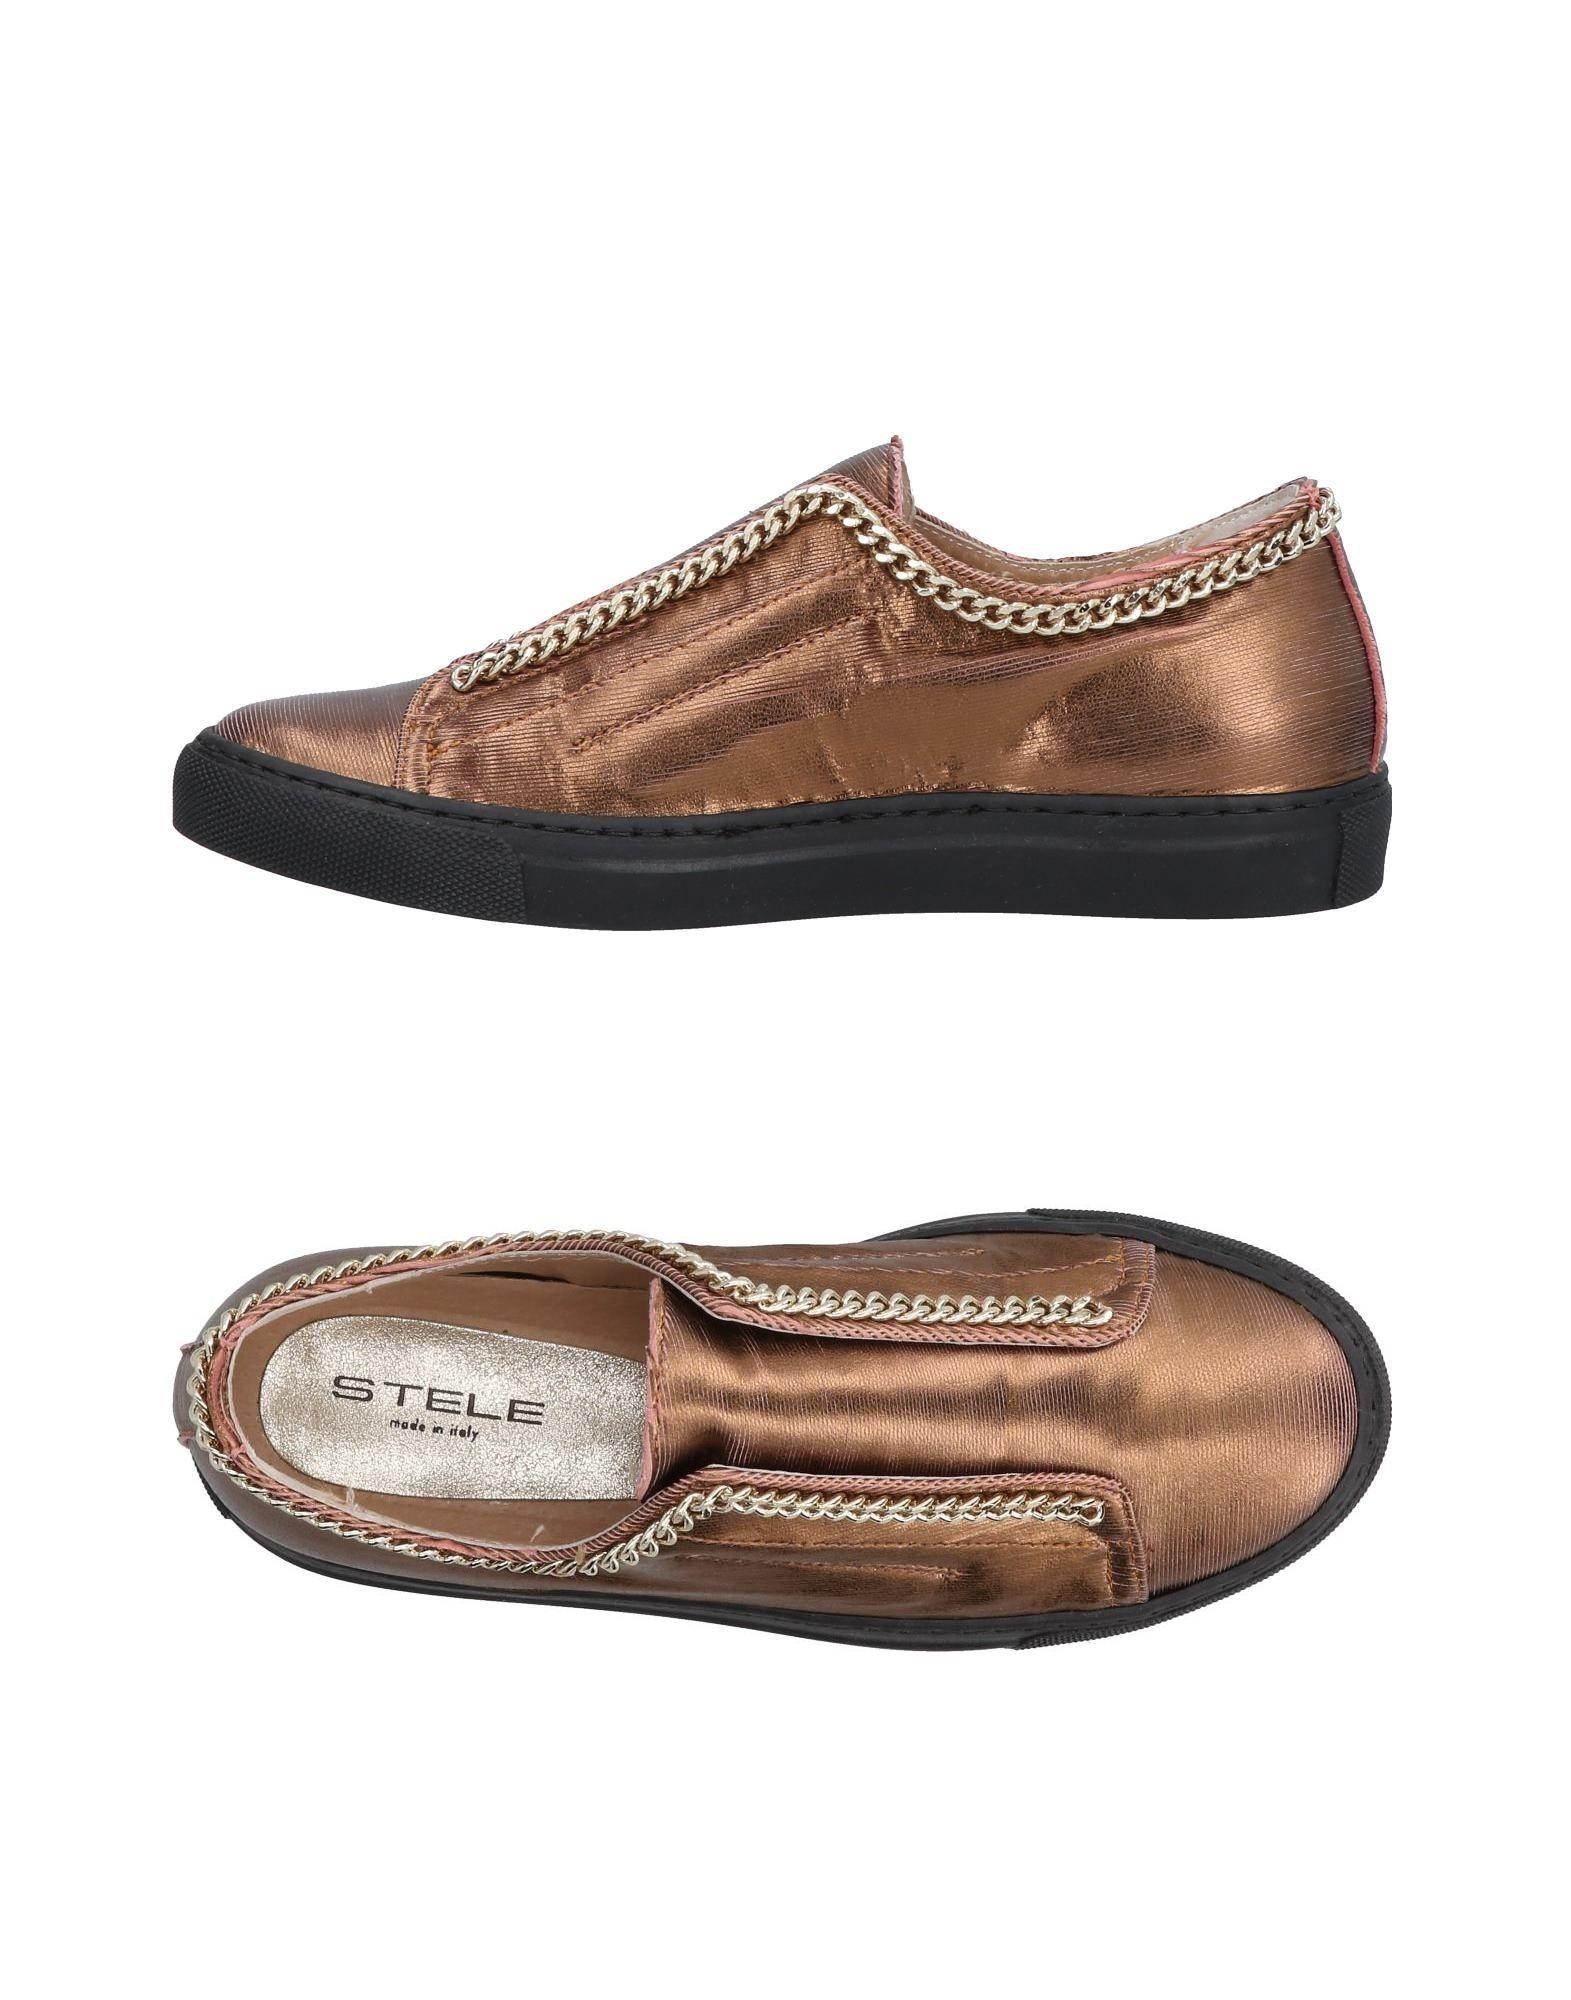 Zapatillas Stele Mujer - Cobre Zapatillas Stele  Cobre - e50aab